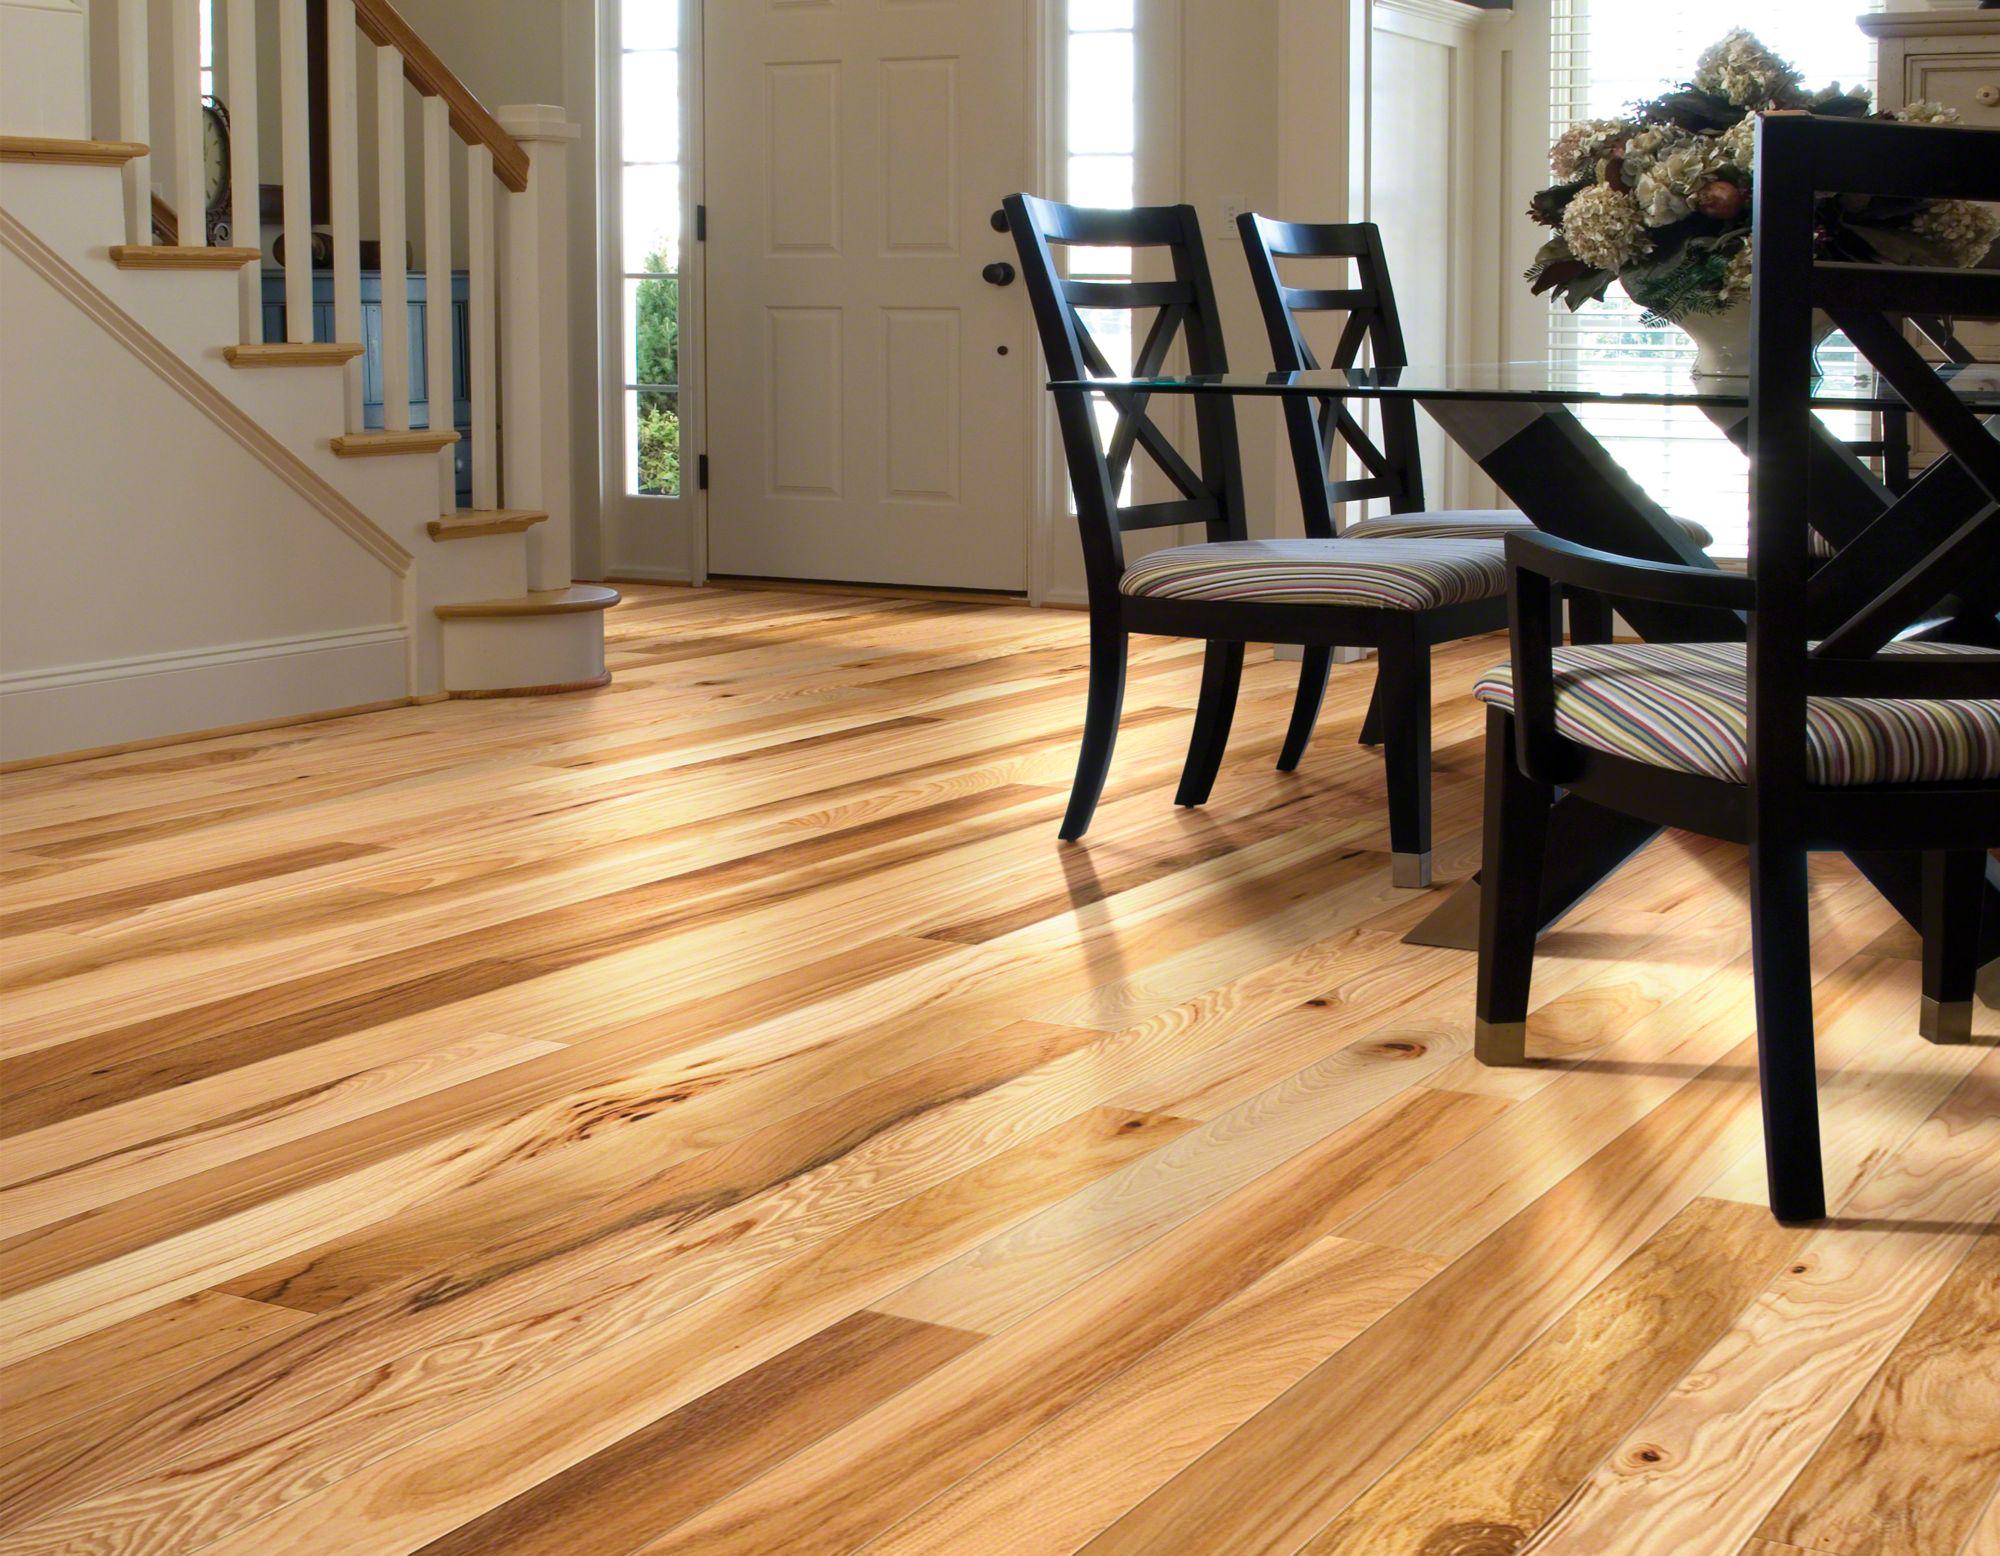 natural wood floors winneru0027s circle 3.25 - room XKXYVGT